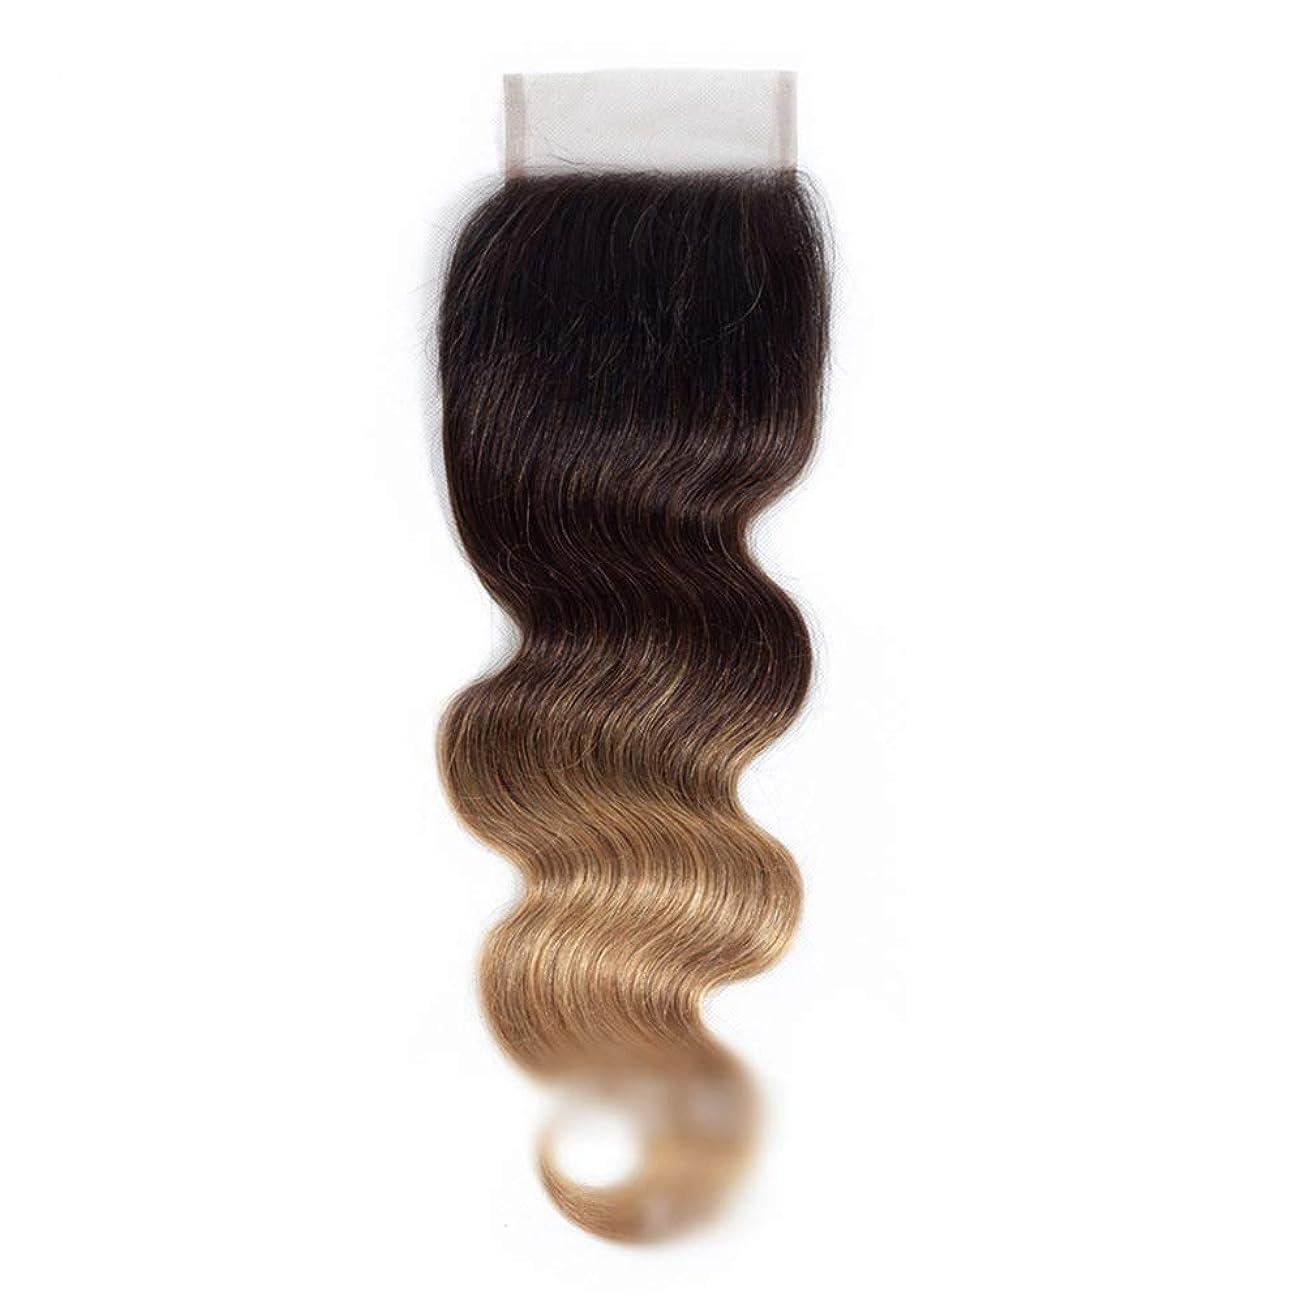 戦術ハーブ定常HOHYLLYA ブラジルの実体波人間の髪の毛の耳に4 * 4レース前頭閉鎖1B / 4/27 3トーンカラーブラウンウィッグロングストレートウィッグ (色 : ブラウン, サイズ : 16 inch)